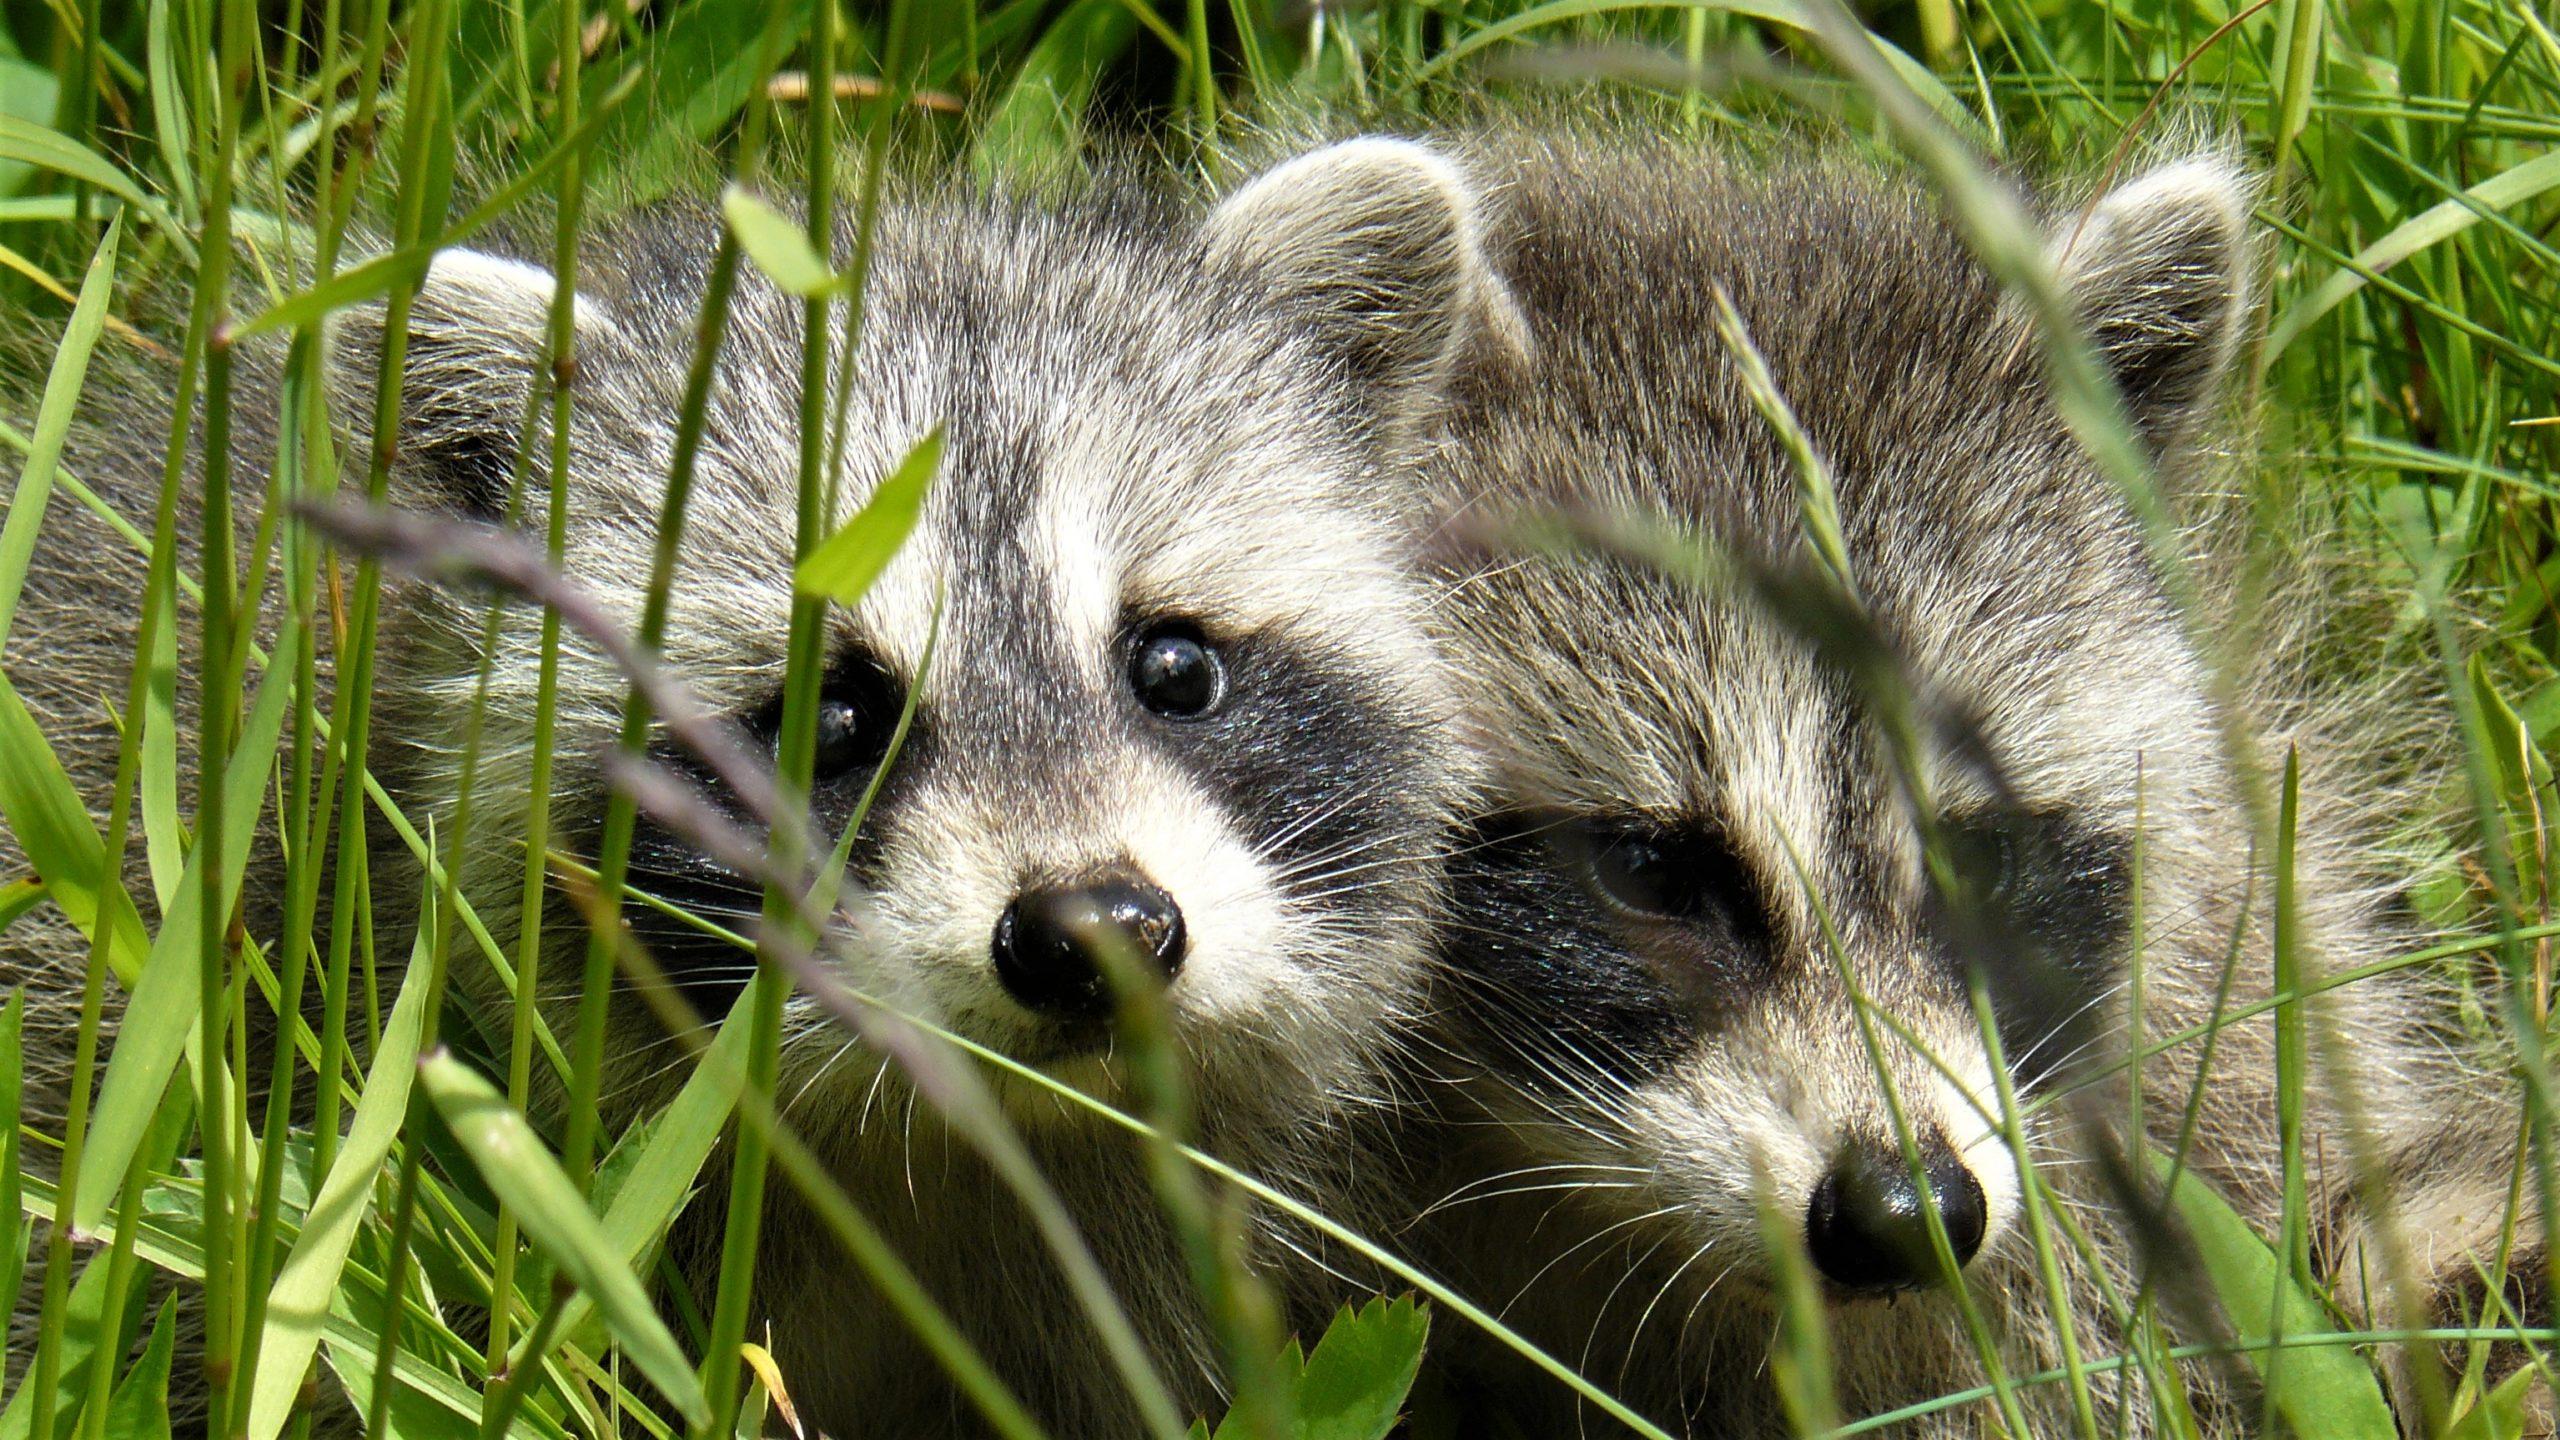 Baie de Fundy ratons-laveurs voir faune canada